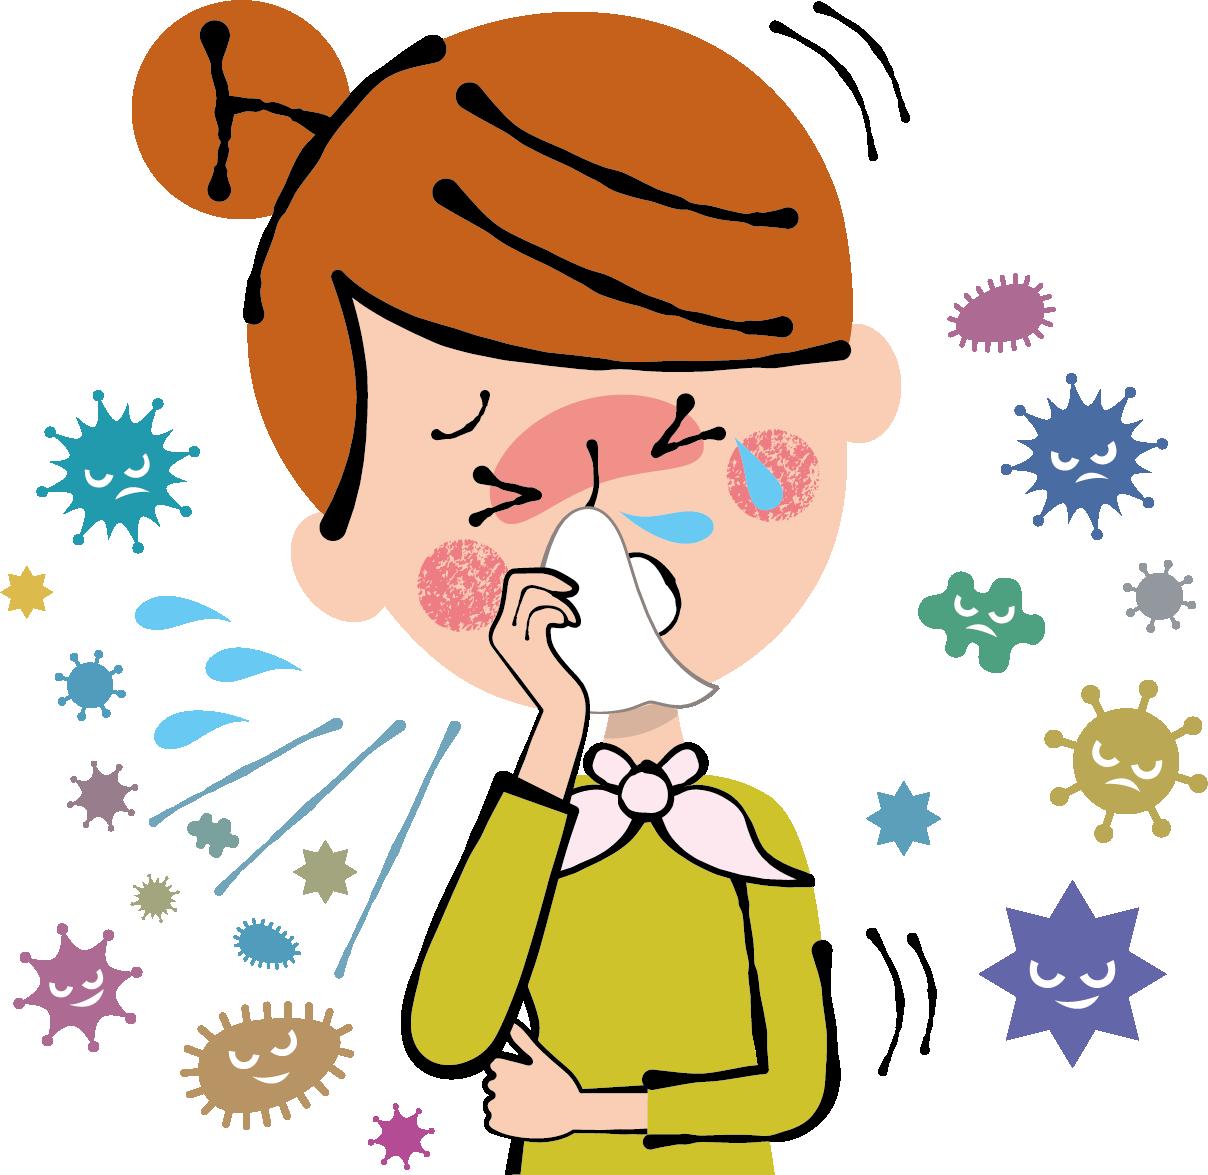 アレルギー性鼻結膜炎に対する免疫療法の有効性は?